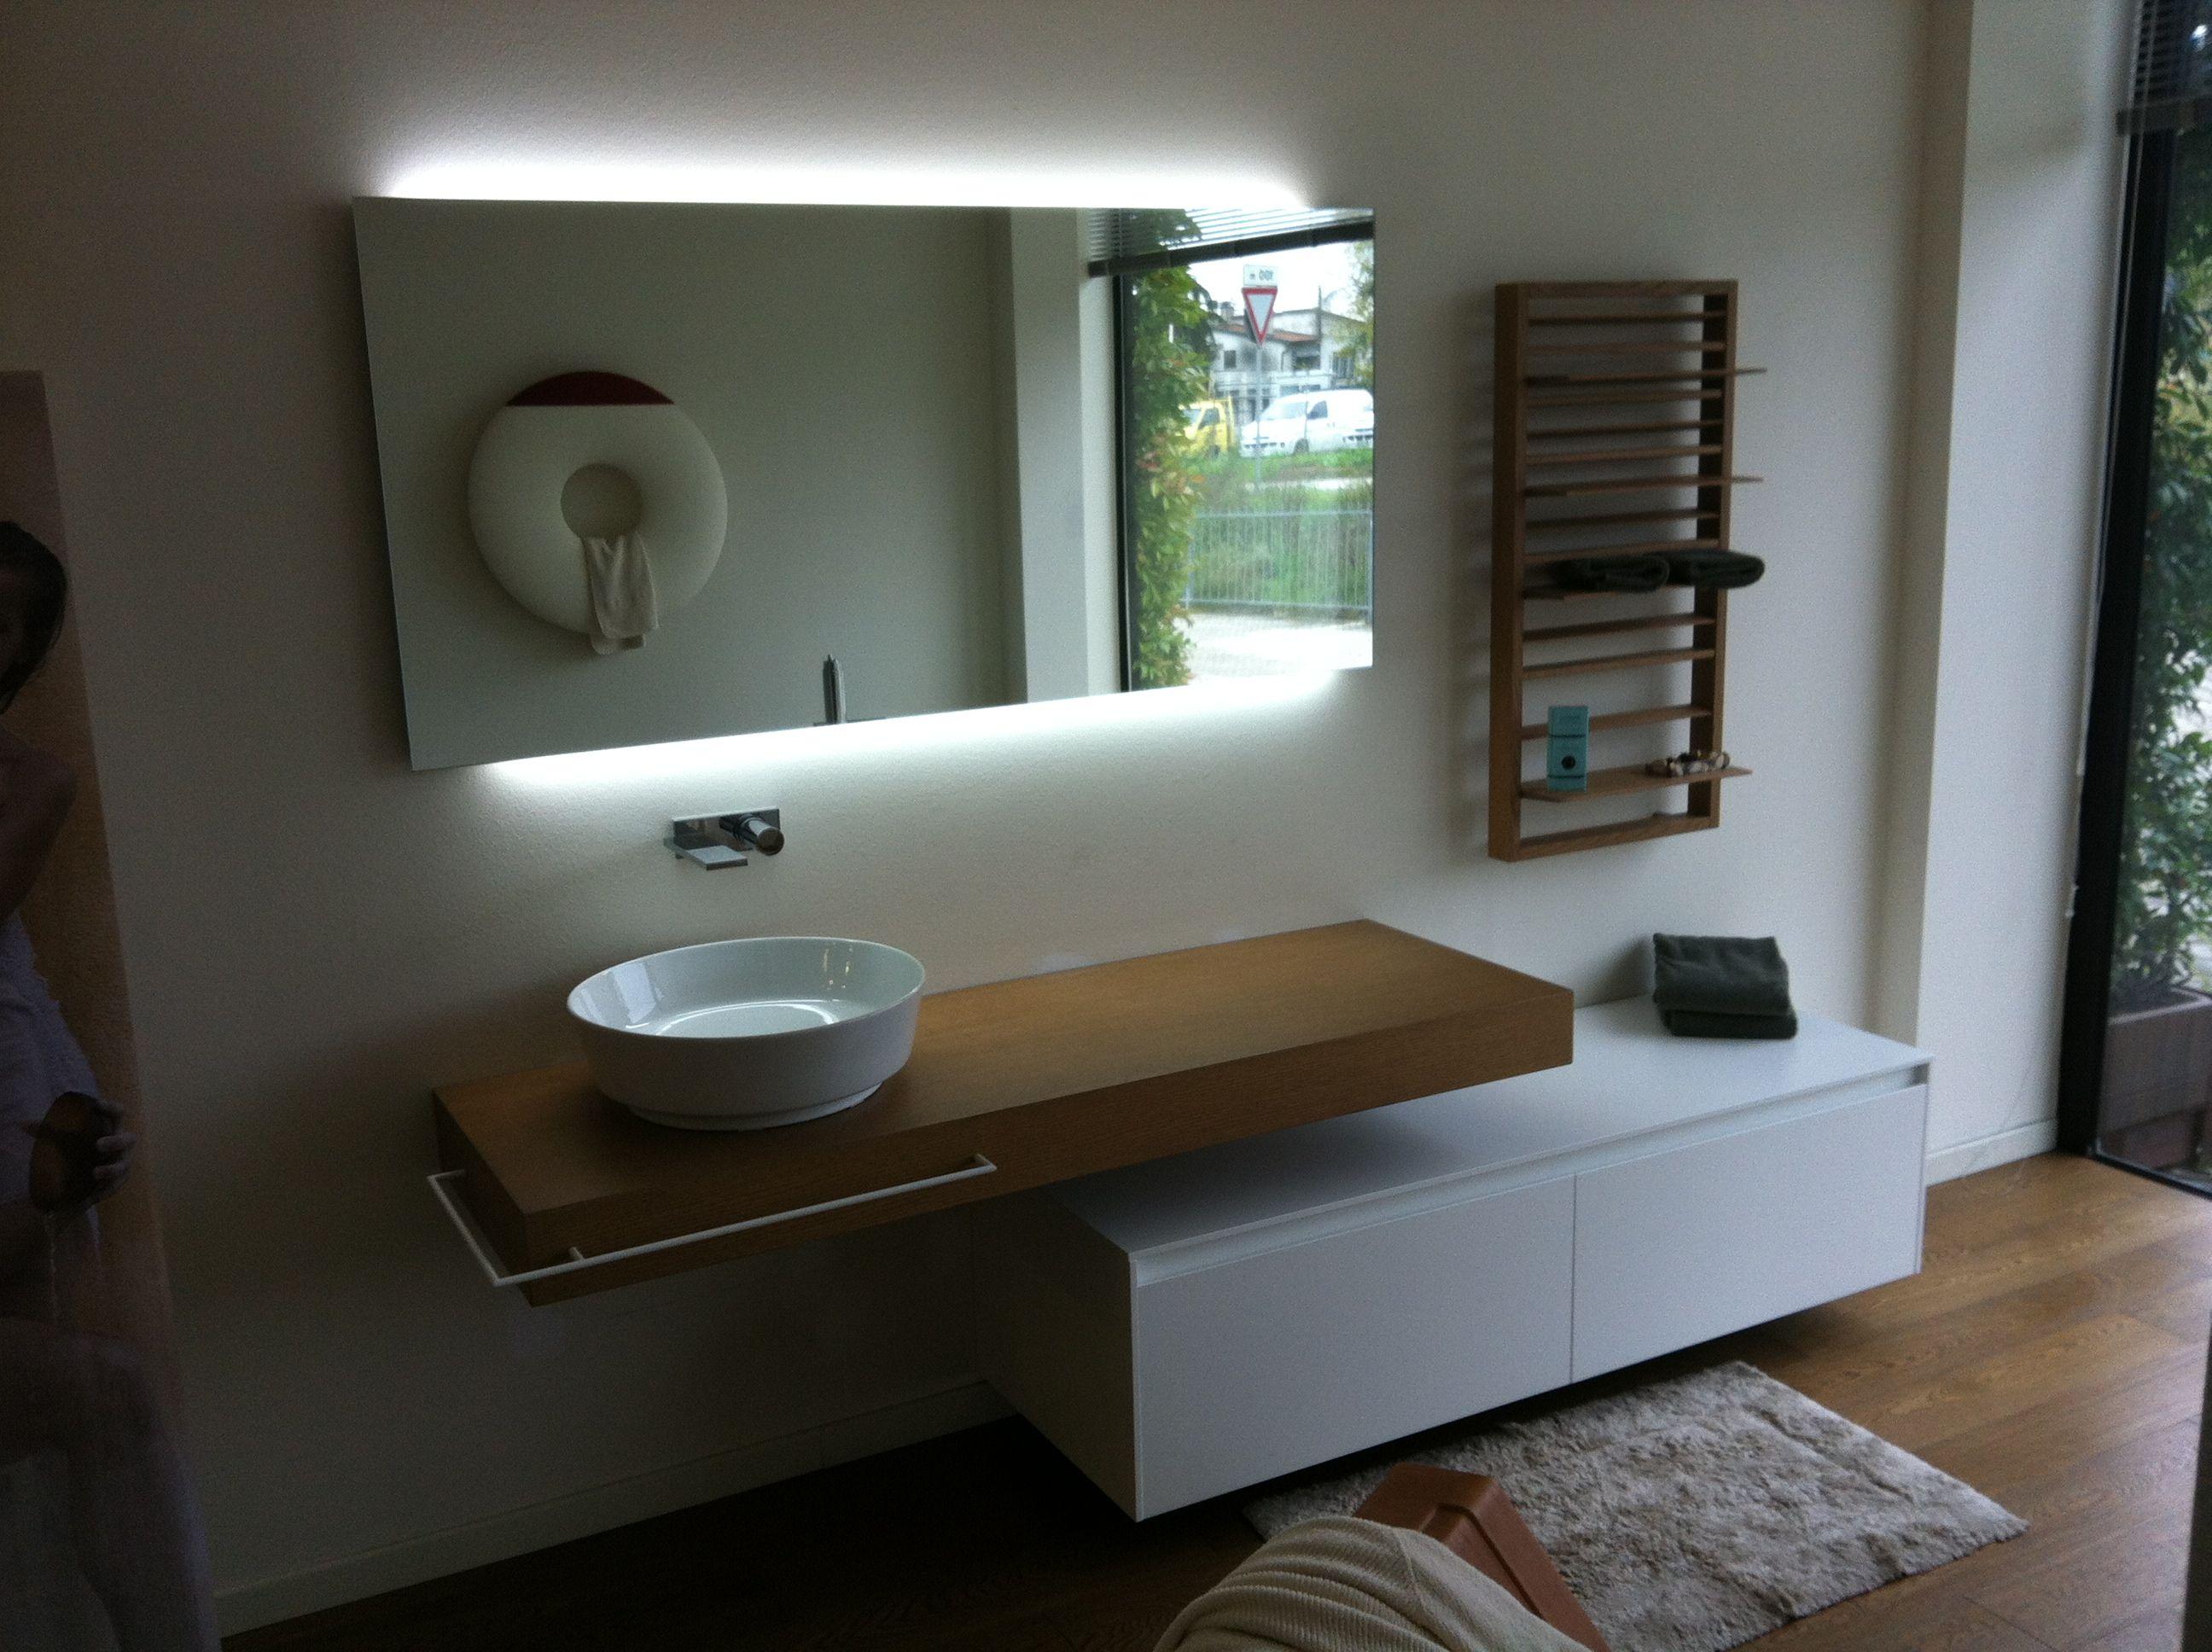 Prodotti in offerta showroom restyling inverno 2013 for Altezza lavabo appoggio